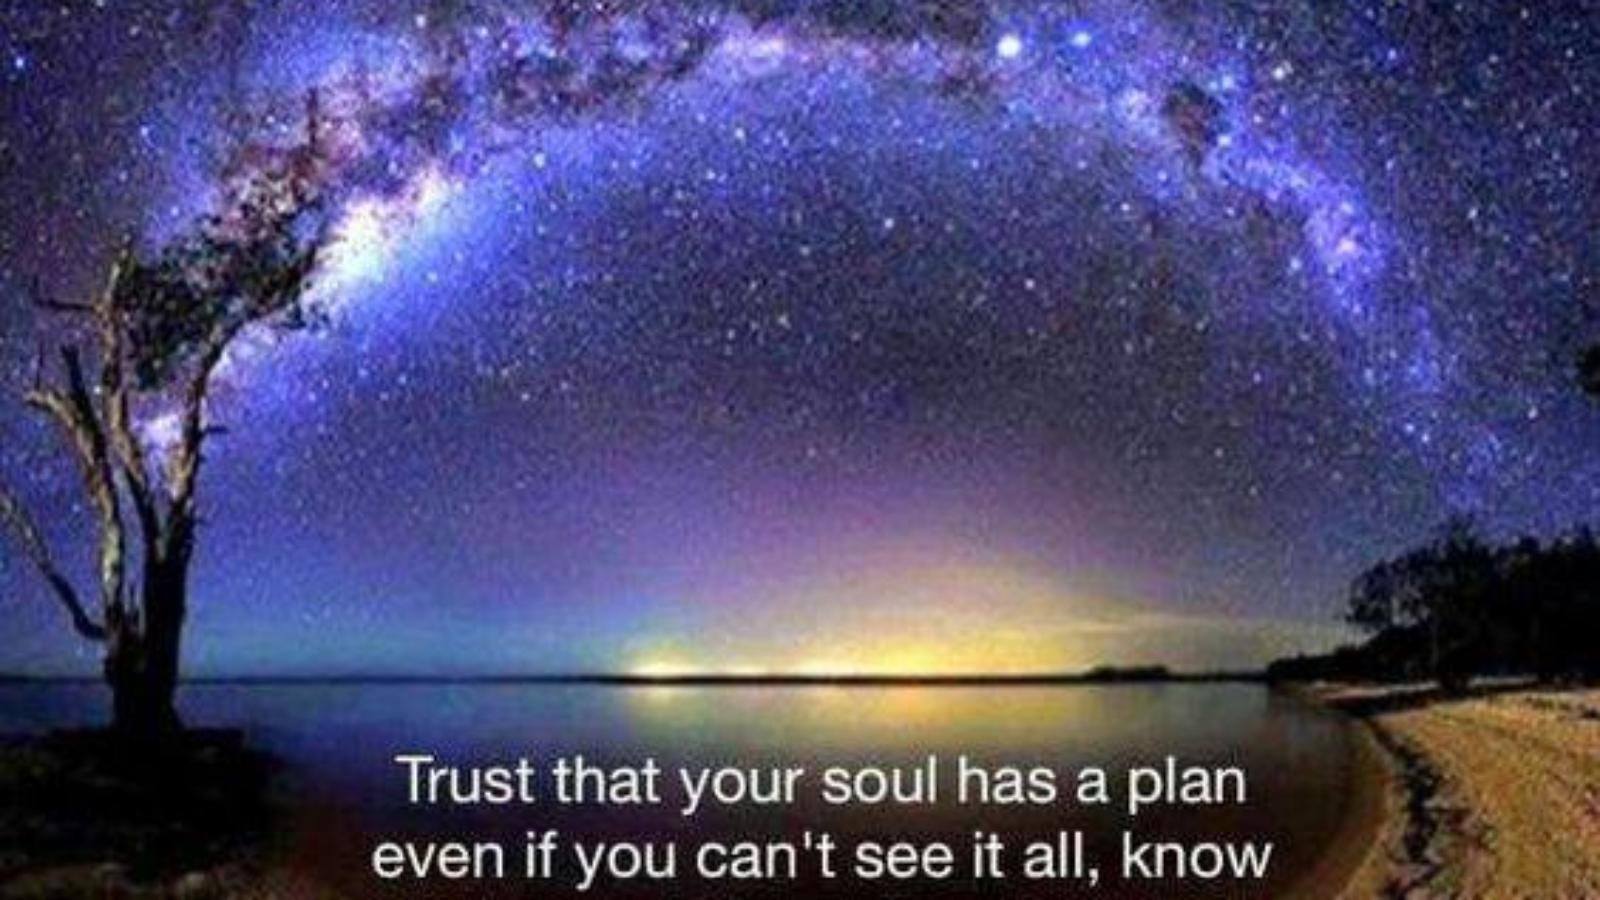 soul has plan